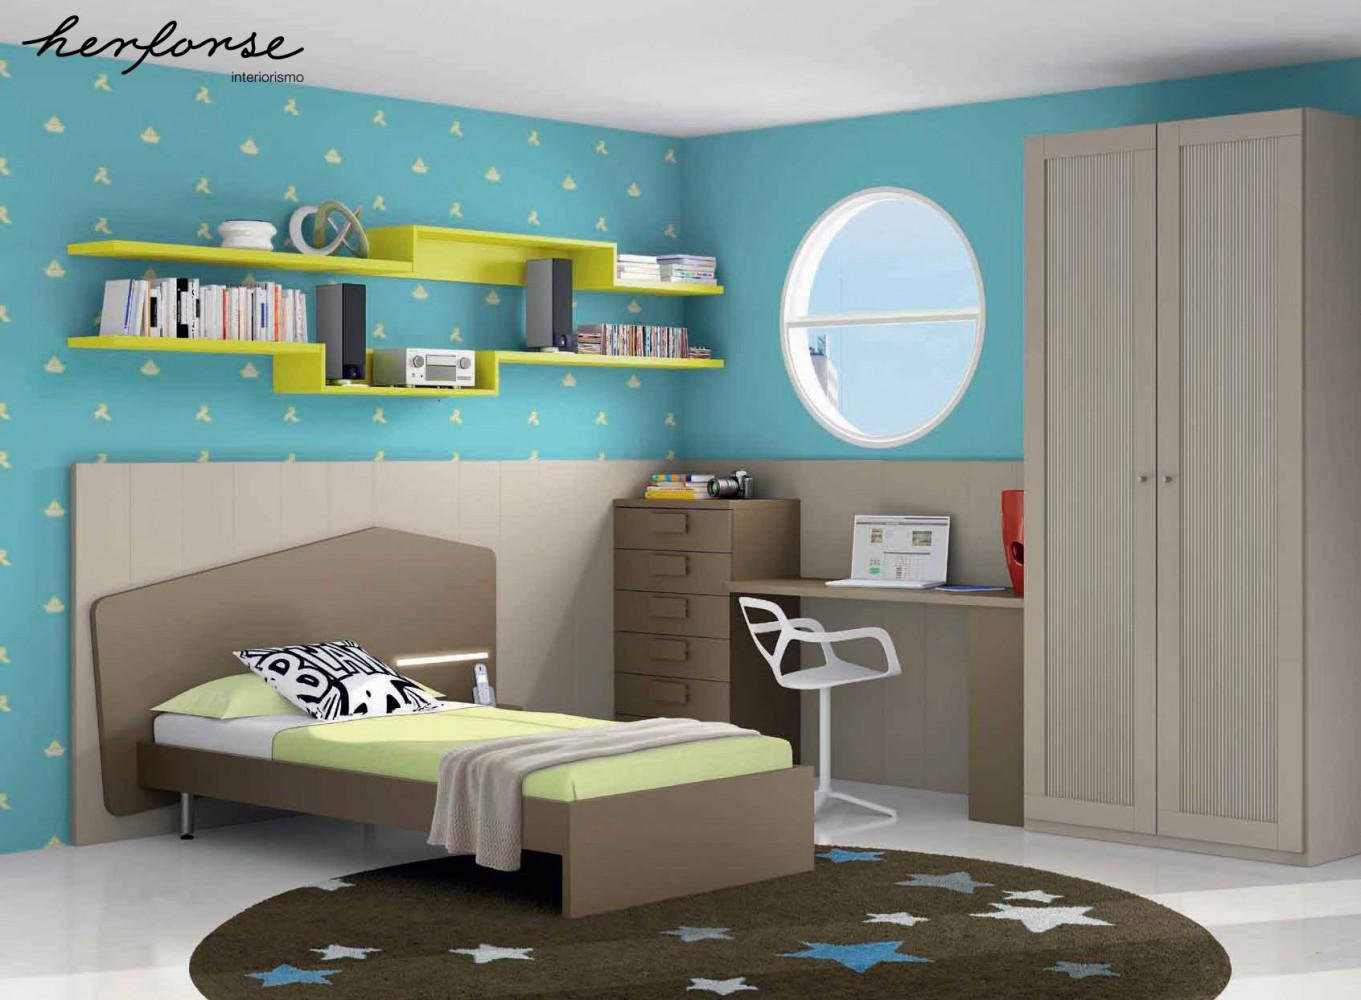 Cabezales y camas juveniles herforseinteriorismo - Cuadros habitaciones juveniles ...